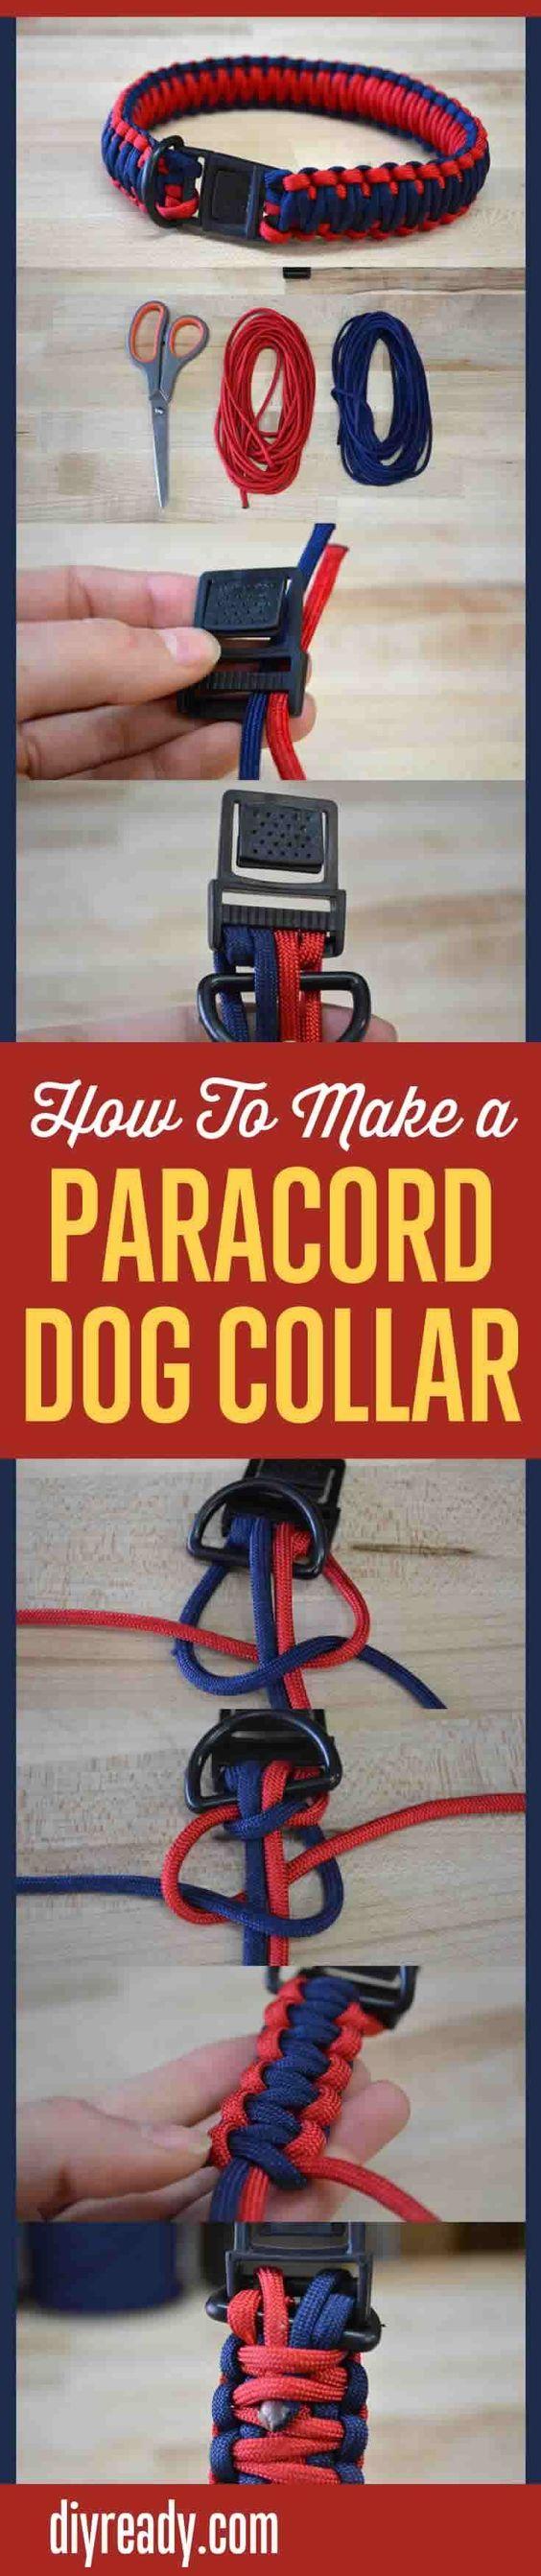 Cómo hacer un collar de perro Parcaord |. Fácil DIY Artesanía Para Sus Instrucciones para mascotas y tutorial de bricolaje Listo diyready.com / ...